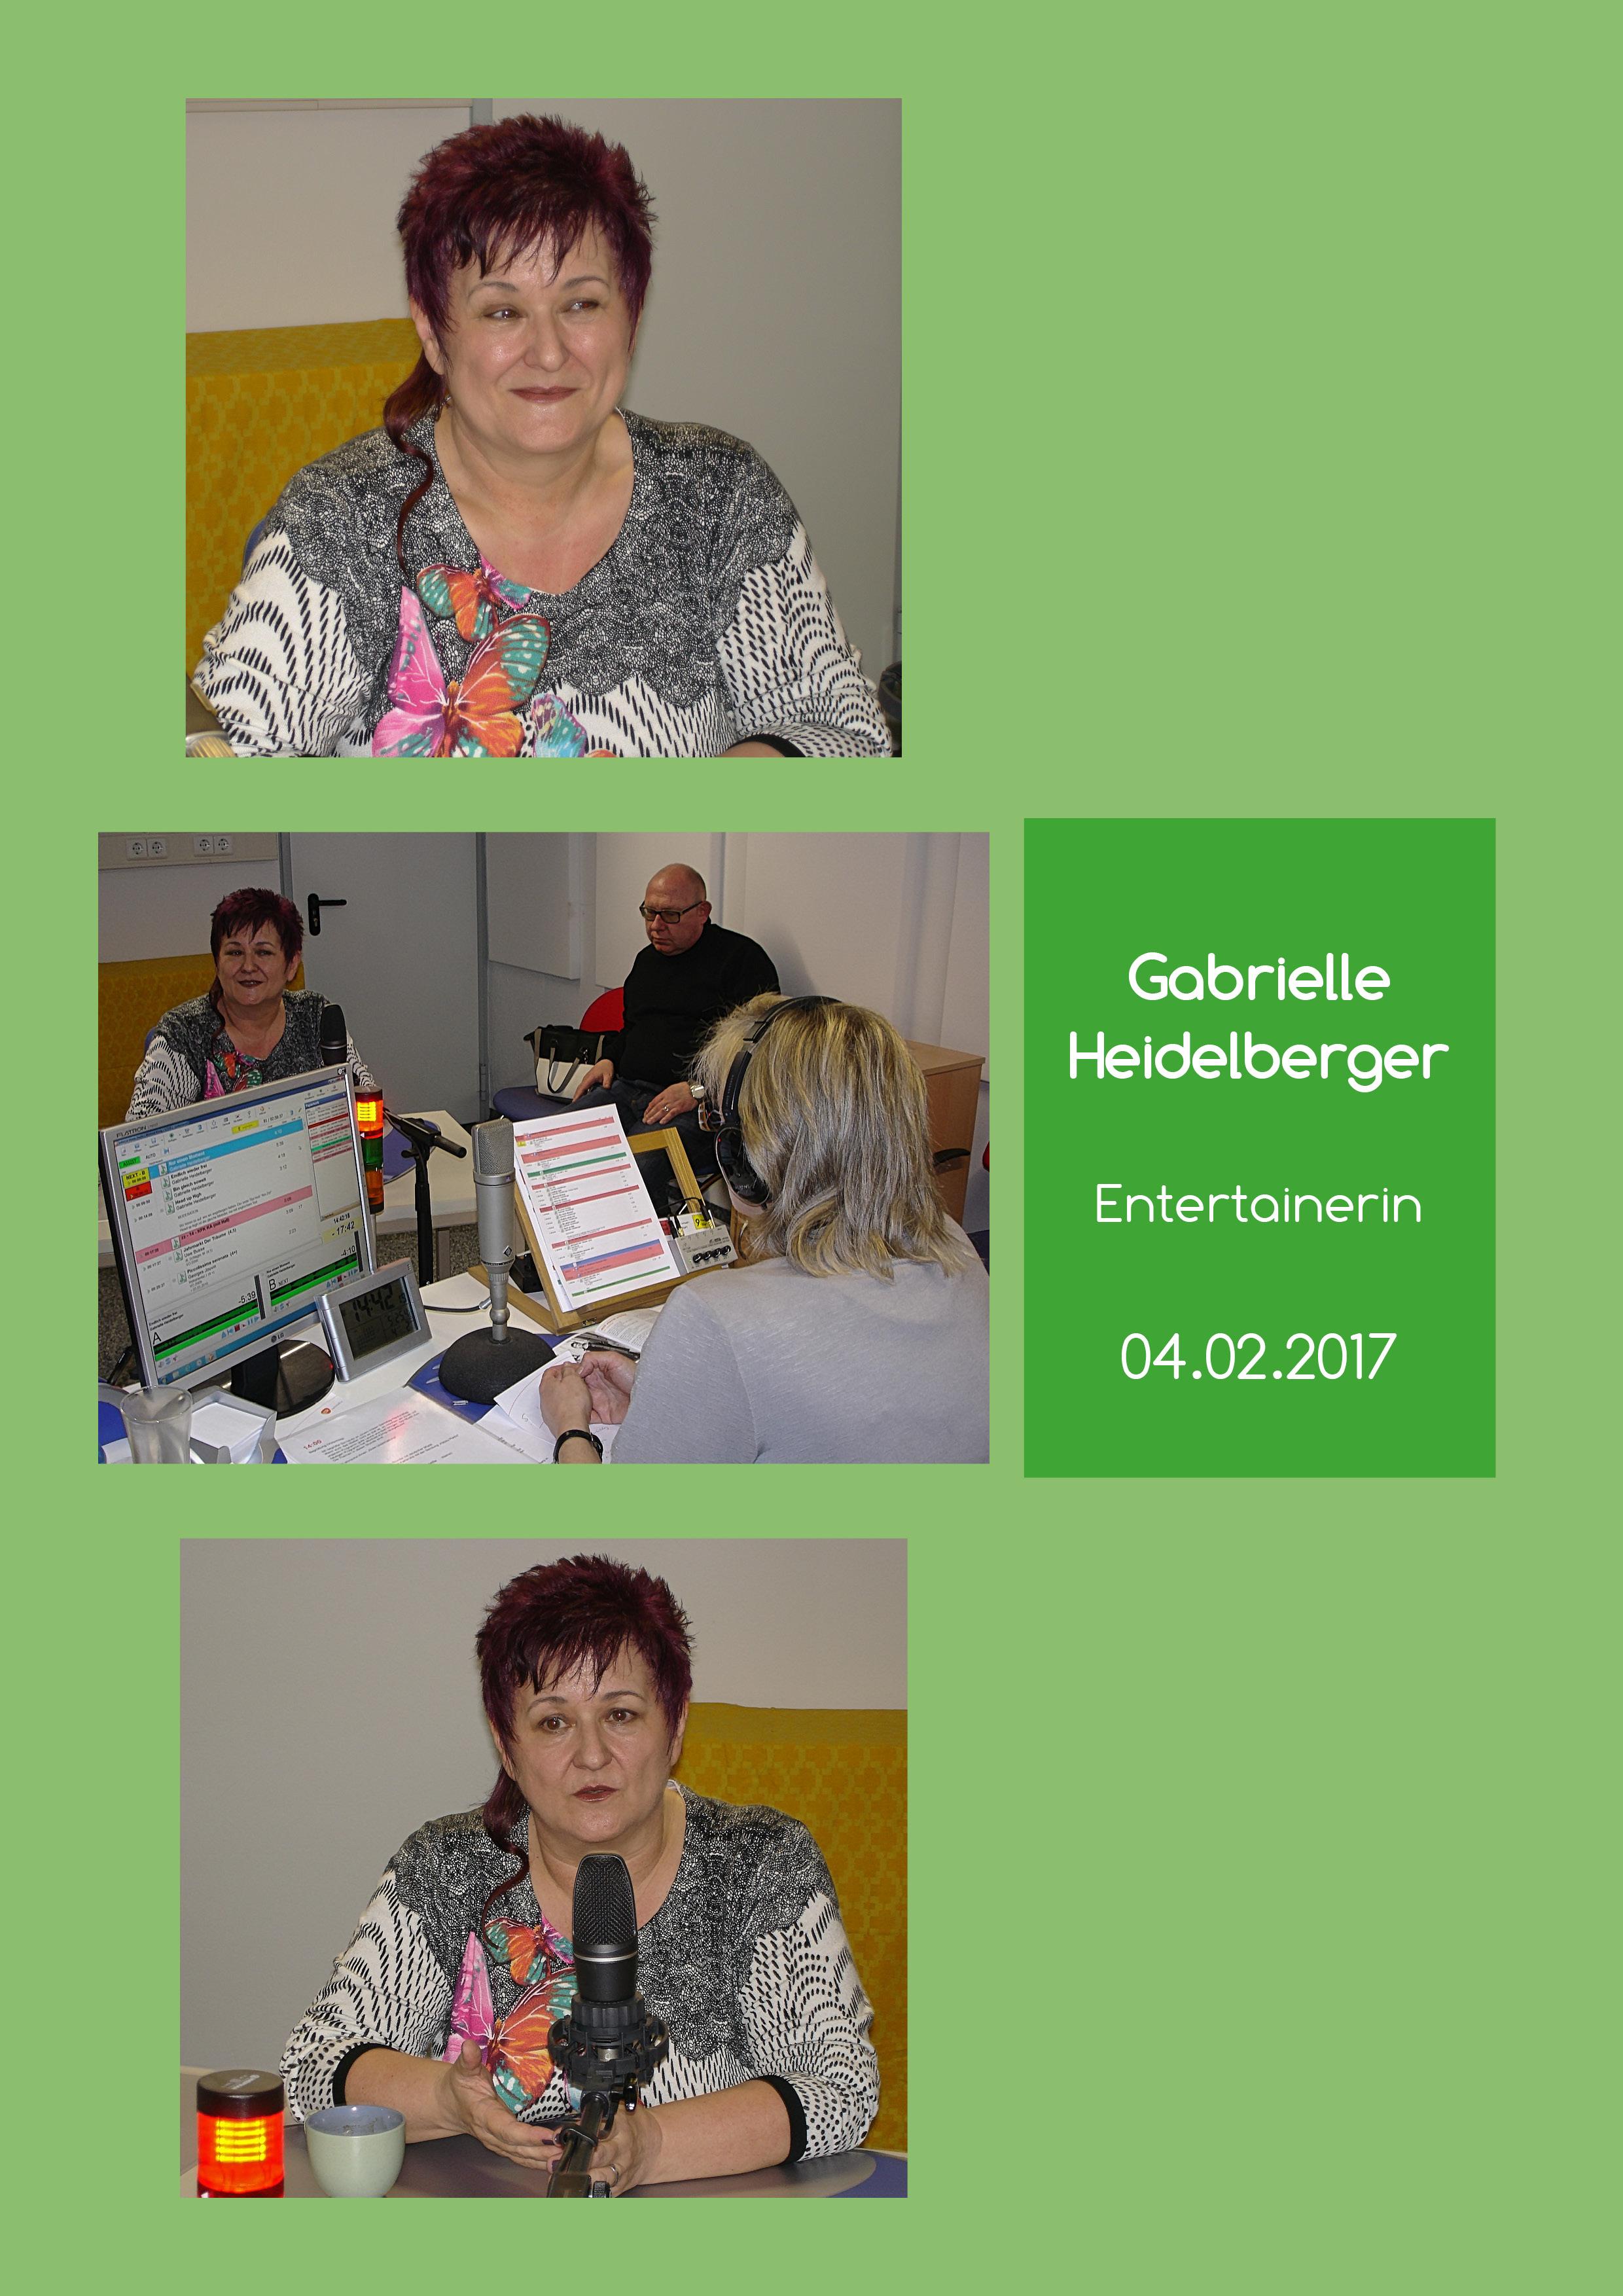 04.02. Gabrielle Heidelberger